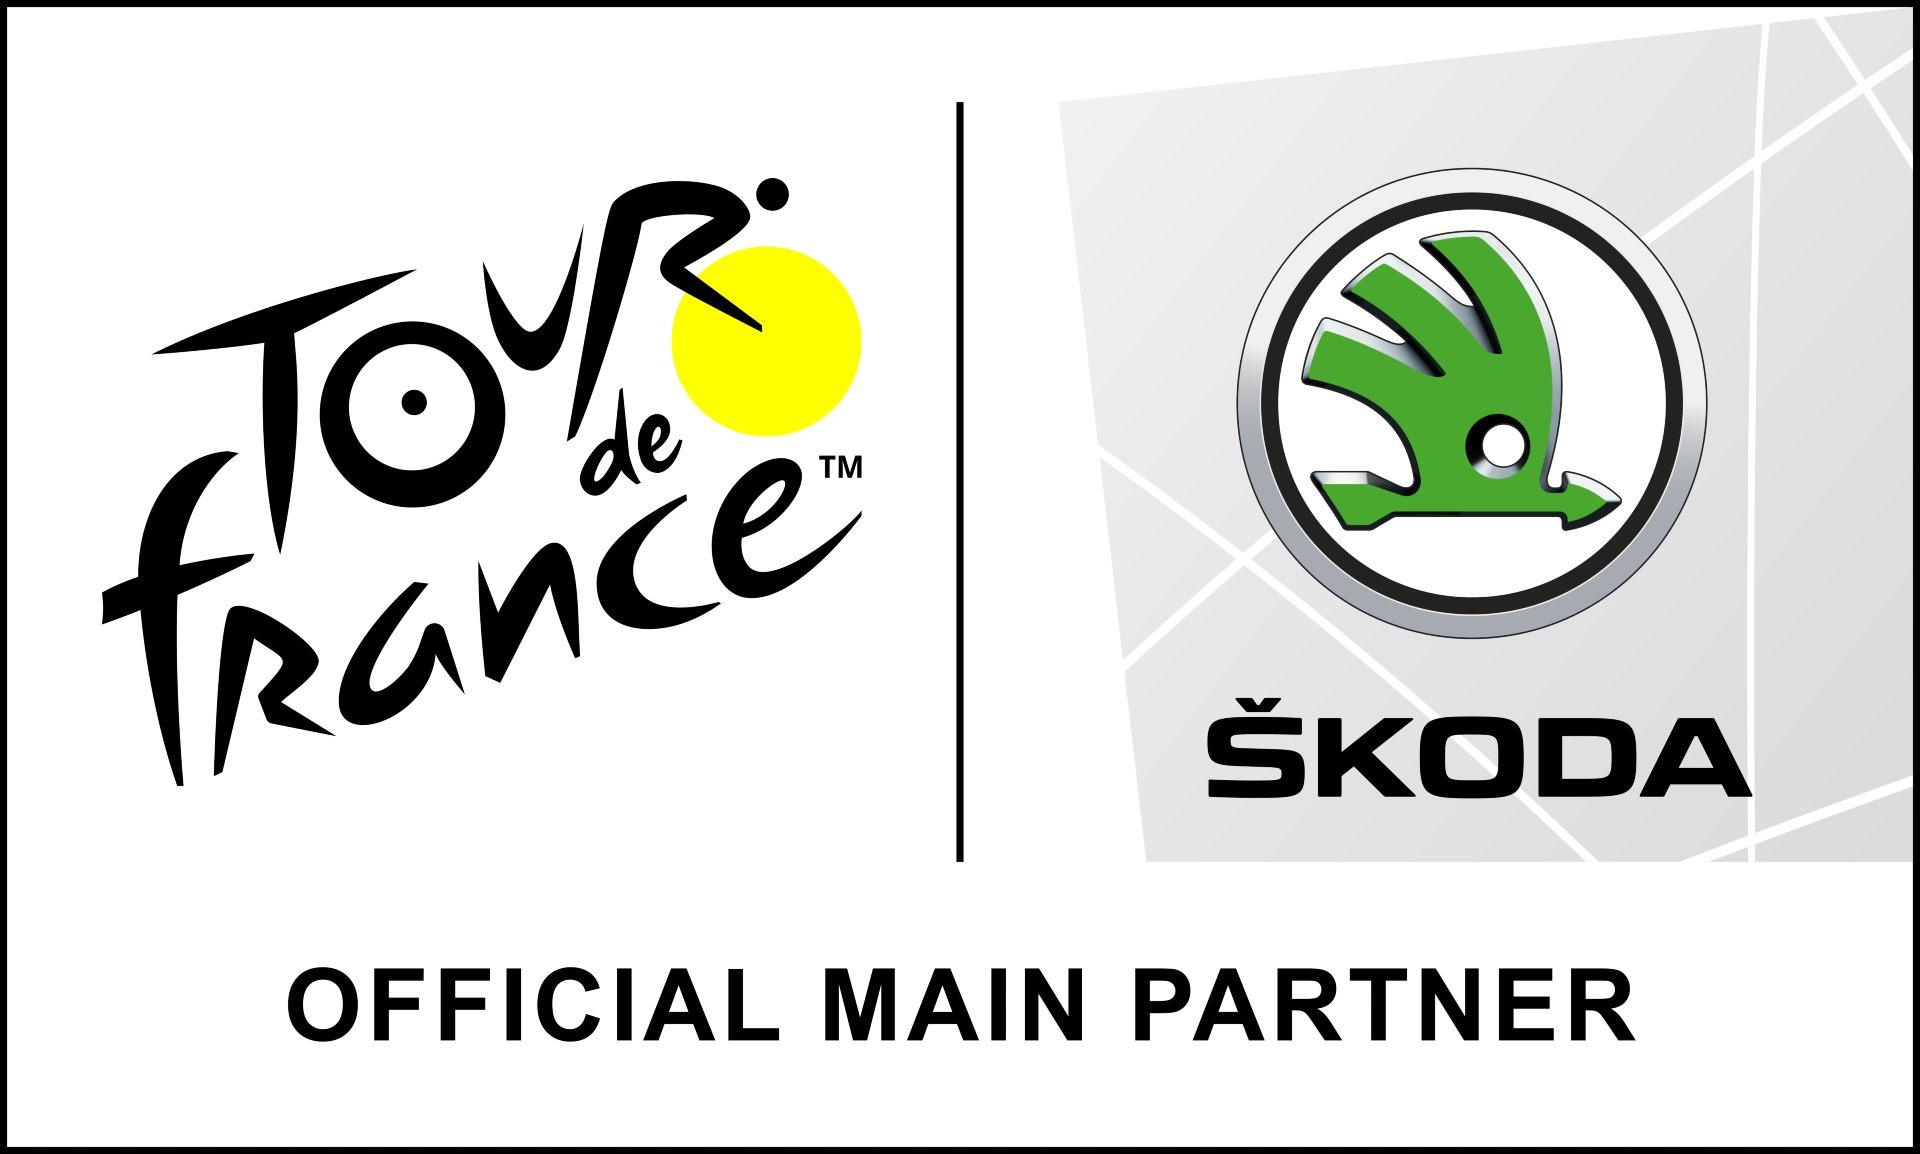 ŠKODA AUTO станет официальным главным партнером велогонки Тур де Франс в 18-й раз